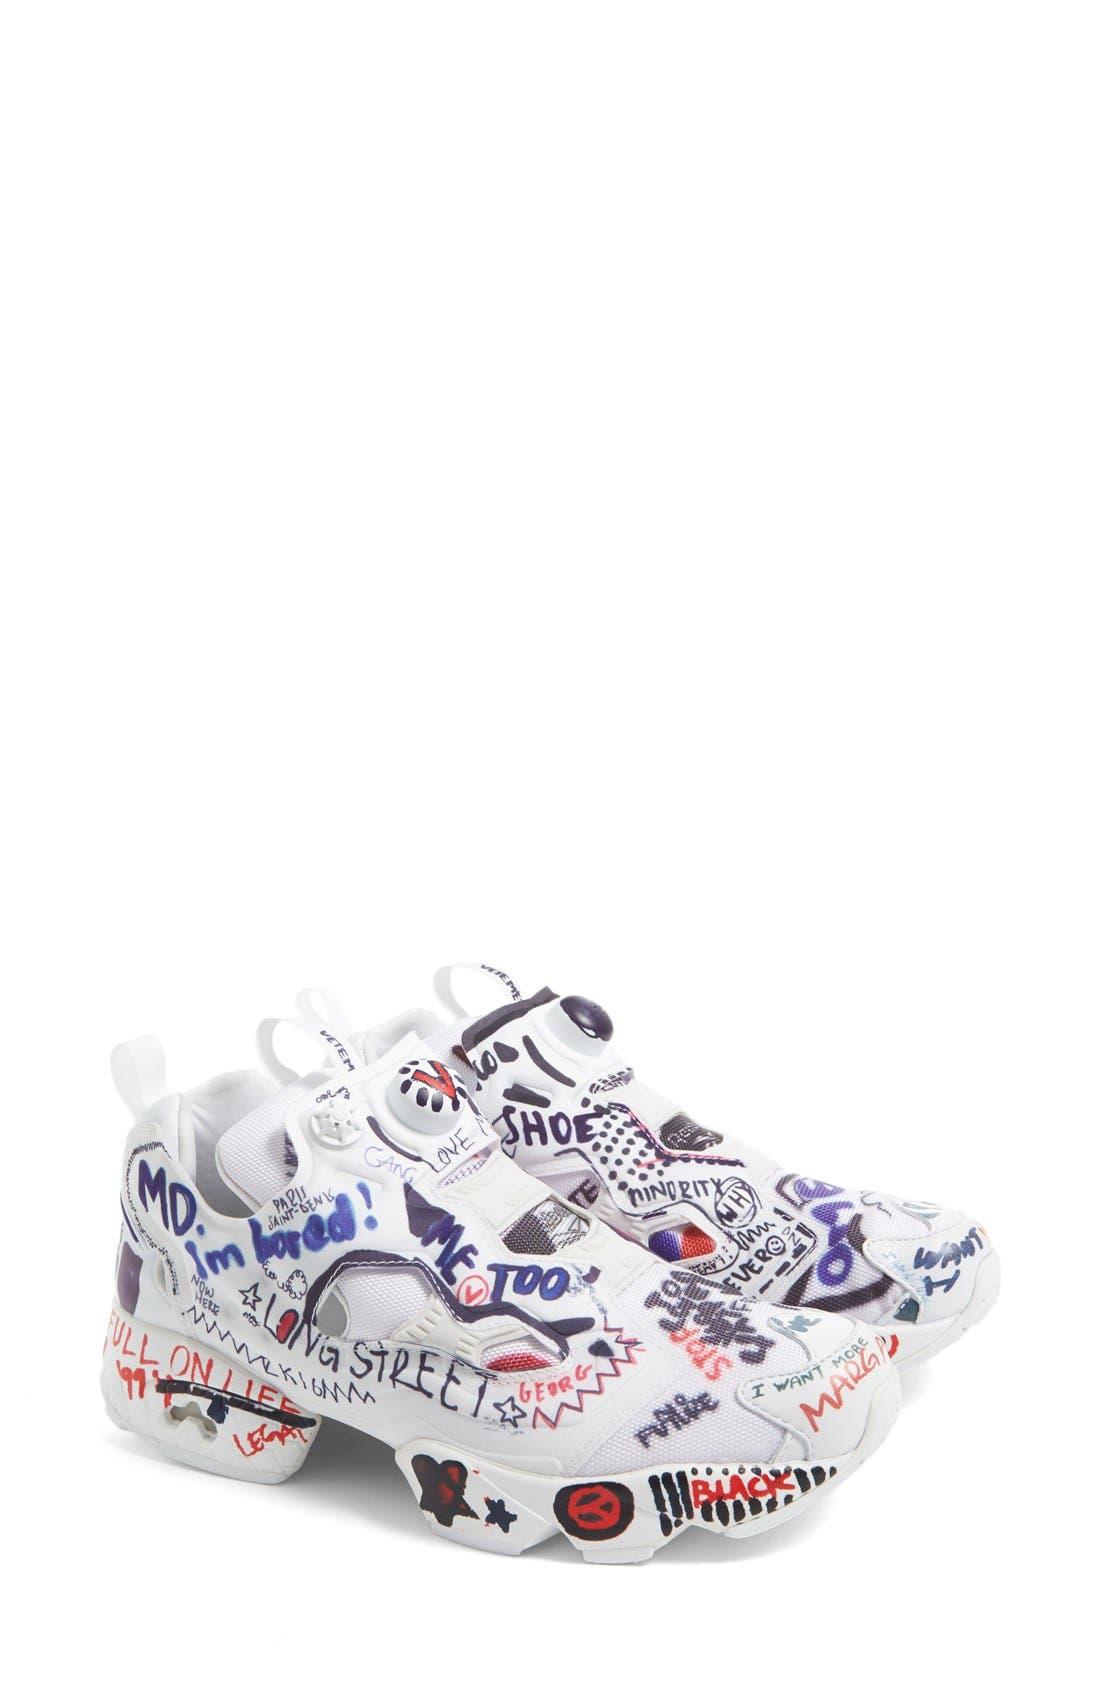 Main Image - Vetements x Reebok Graffiti Instapump Fury Sneaker (Women)